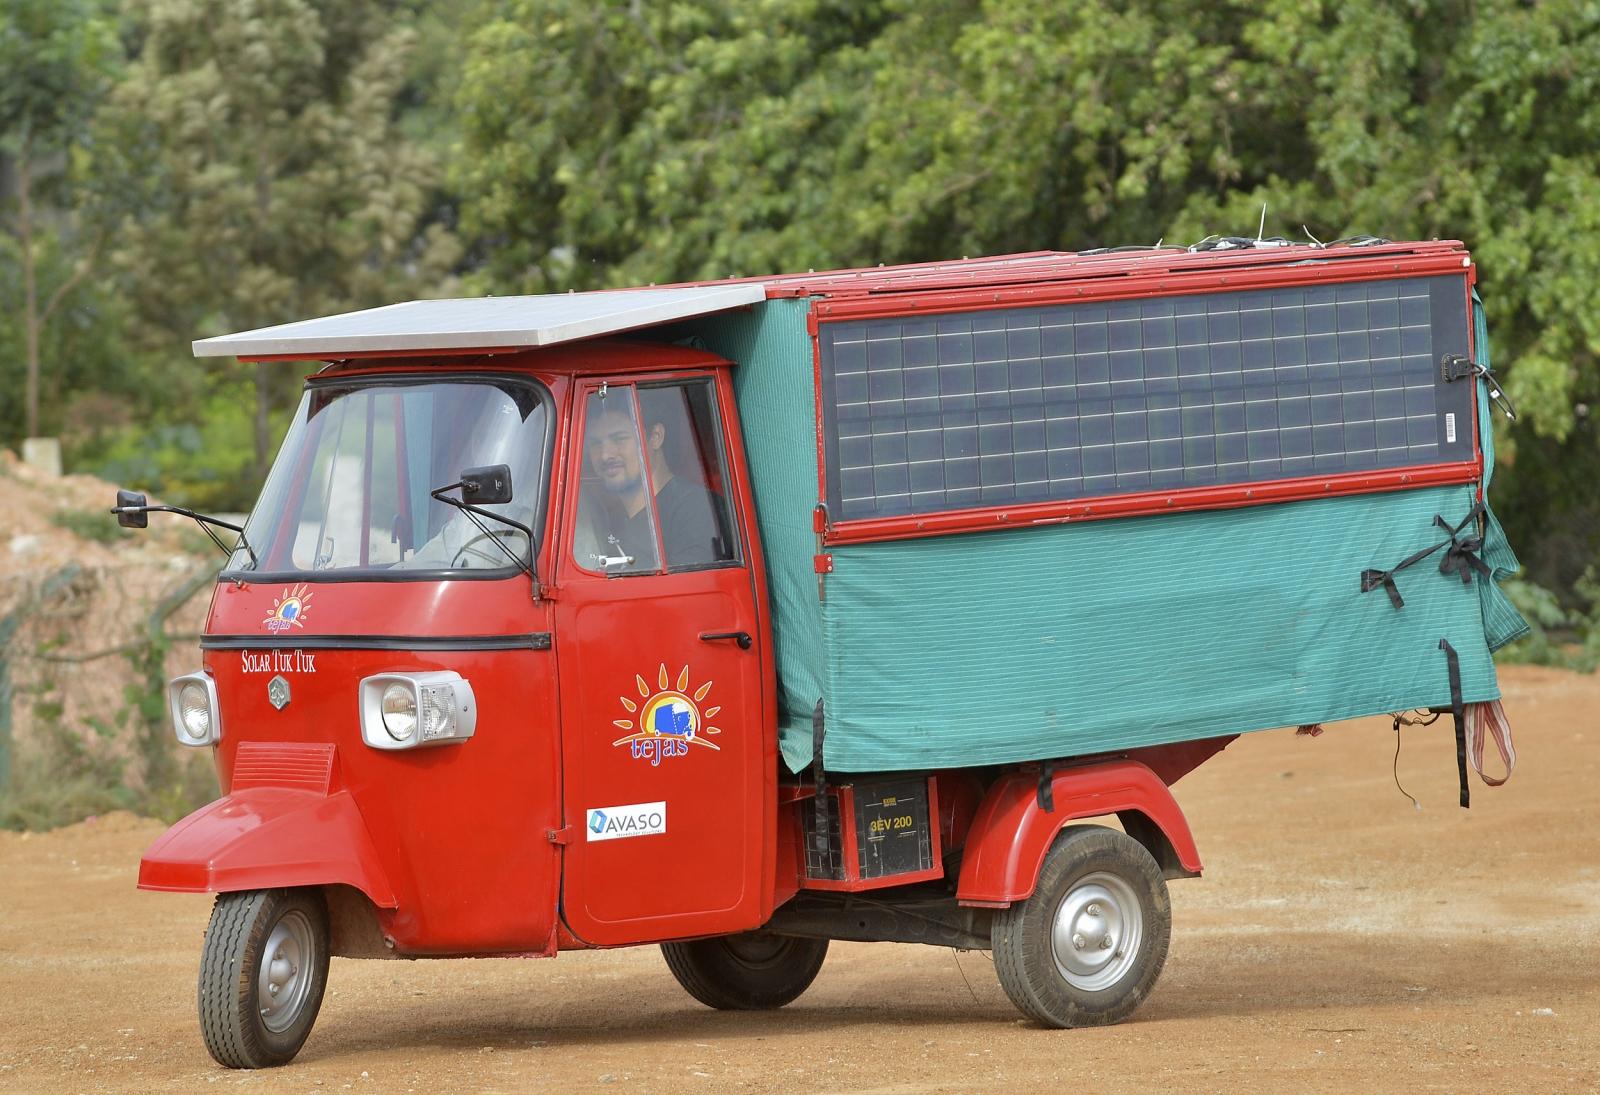 Solar-powered tuk tuk